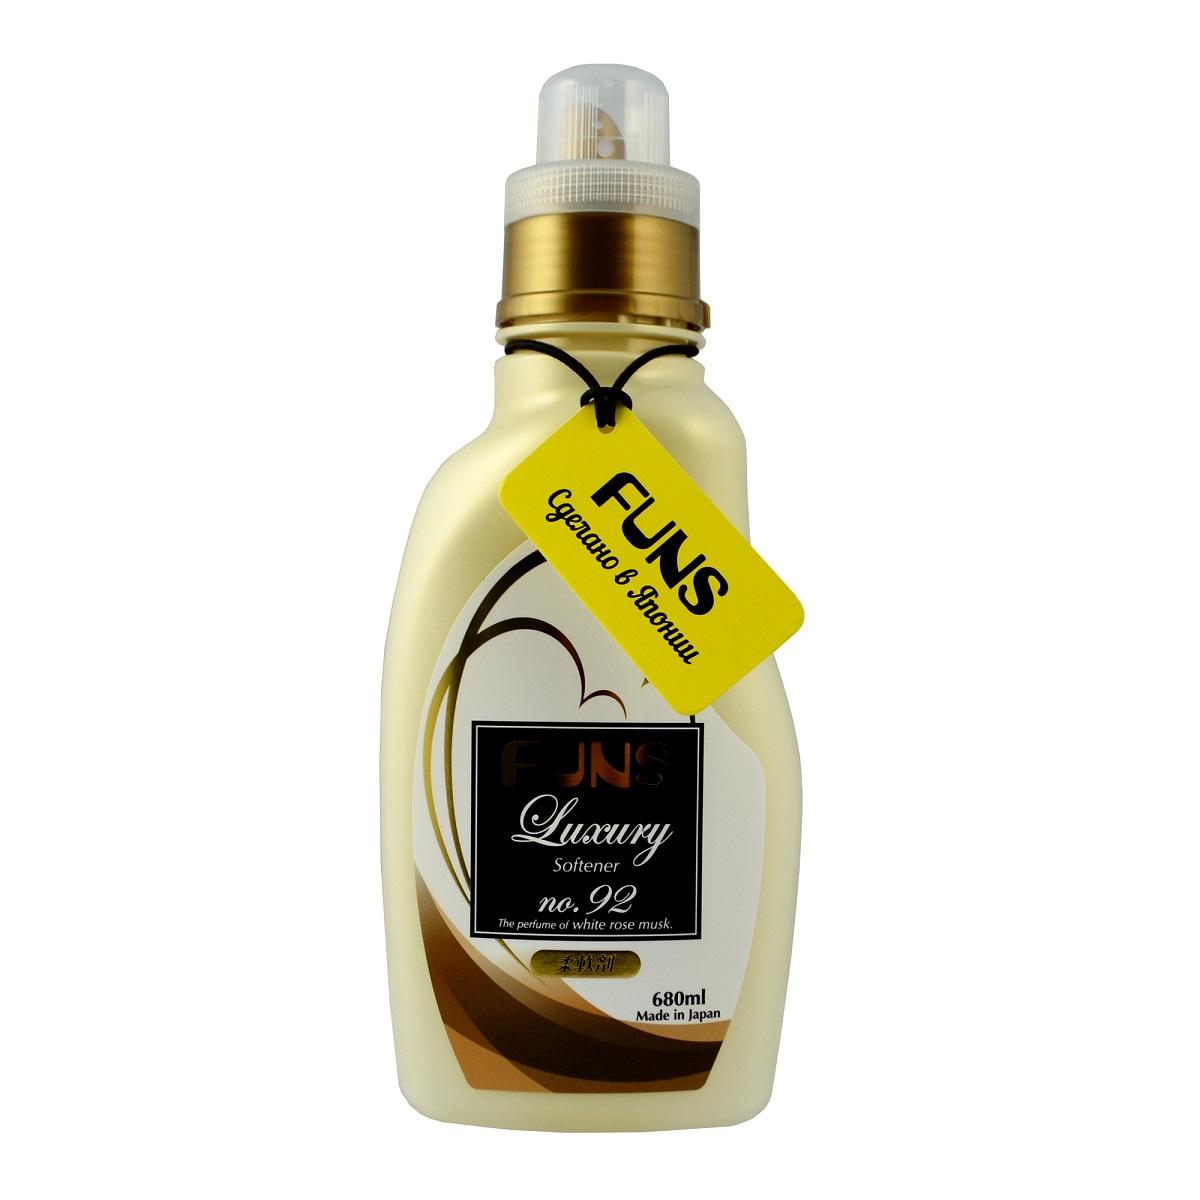 FUNS Кондиционер парфюмированный для белья с ароматом белой мускусной розы 680 мл10503Концентрированный кондиционер для белья Funs Luxury Softener придаст вашим вещам мягкость и сделает их приятными наощупь. Подходит для хлопчатобумажных, шерстяных, льняных и синтетических тканей, а также любых деликатных тканей (шелка и шерсти). Кондиционер предотвращает появление статического электричества, а также облегчает глажку белья. Обладает приятным ароматом, который сохраняется на долгое время, даже после сушки белья. Благодаря противомикробному и дезодорирующему действию кондиционер устраняет бактерии, способствующие появлению неприятного запаха. Кондиционер безопасен при контакте с кожей человека, не сушит и не раздражает кожу рук во время стирки. Подходит как для ручной, так и машинной стирки. Состав: ПАВ (эфир типа диалкил аммония).Товар сертифицирован.